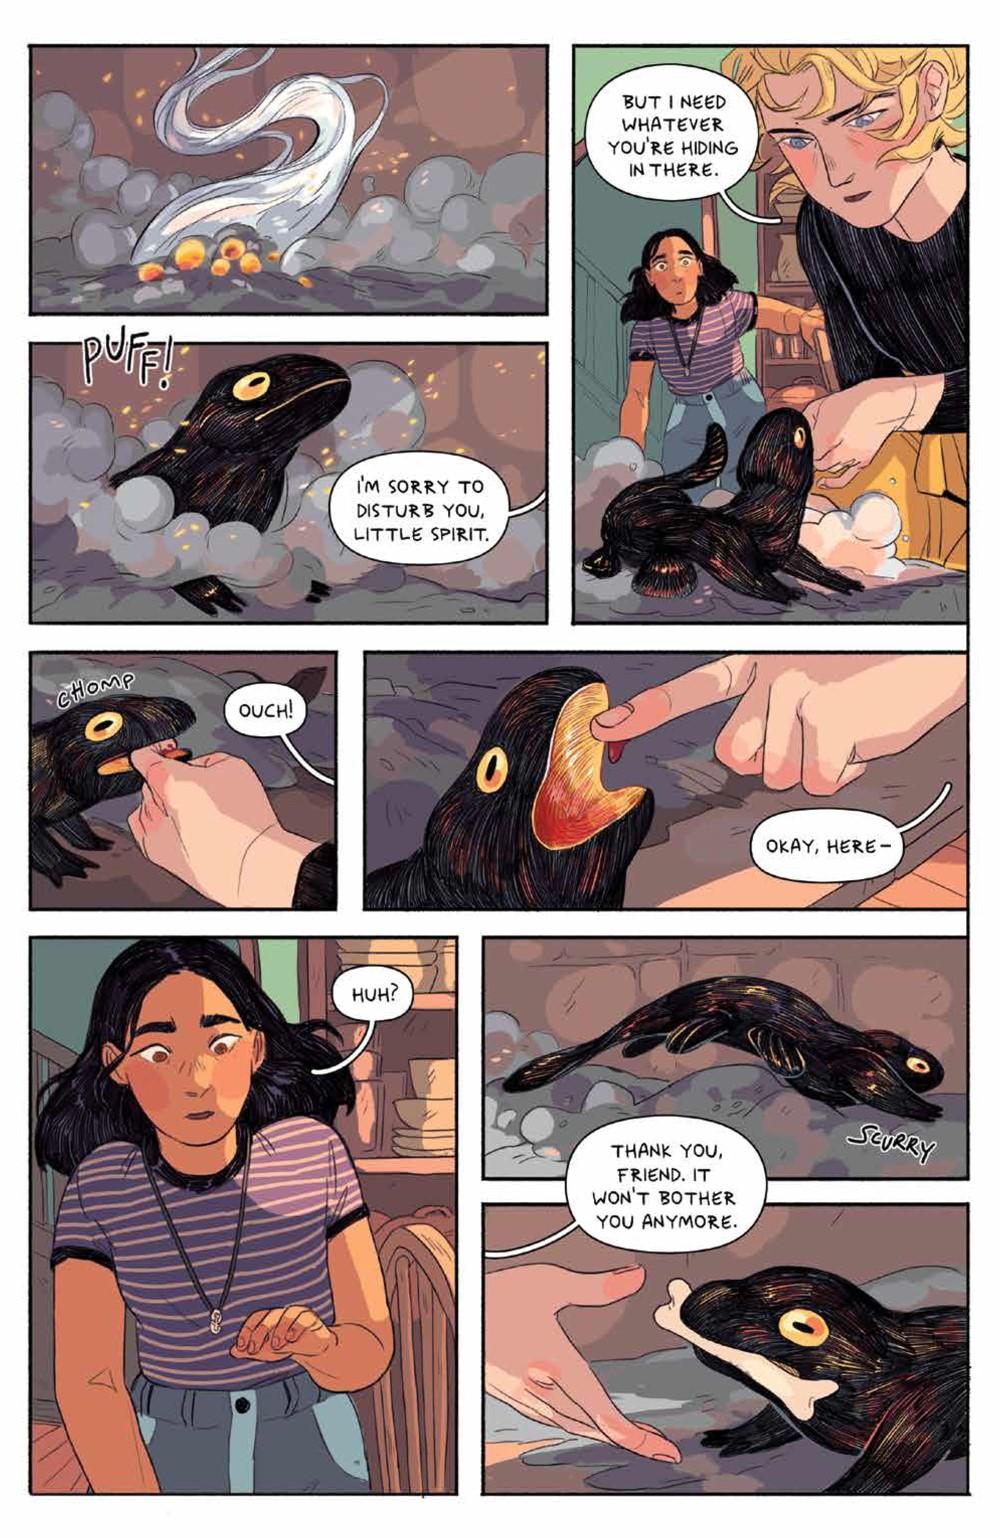 Mamo_002_PRESS_7 ComicList Previews: MAMO #2 (OF 5)